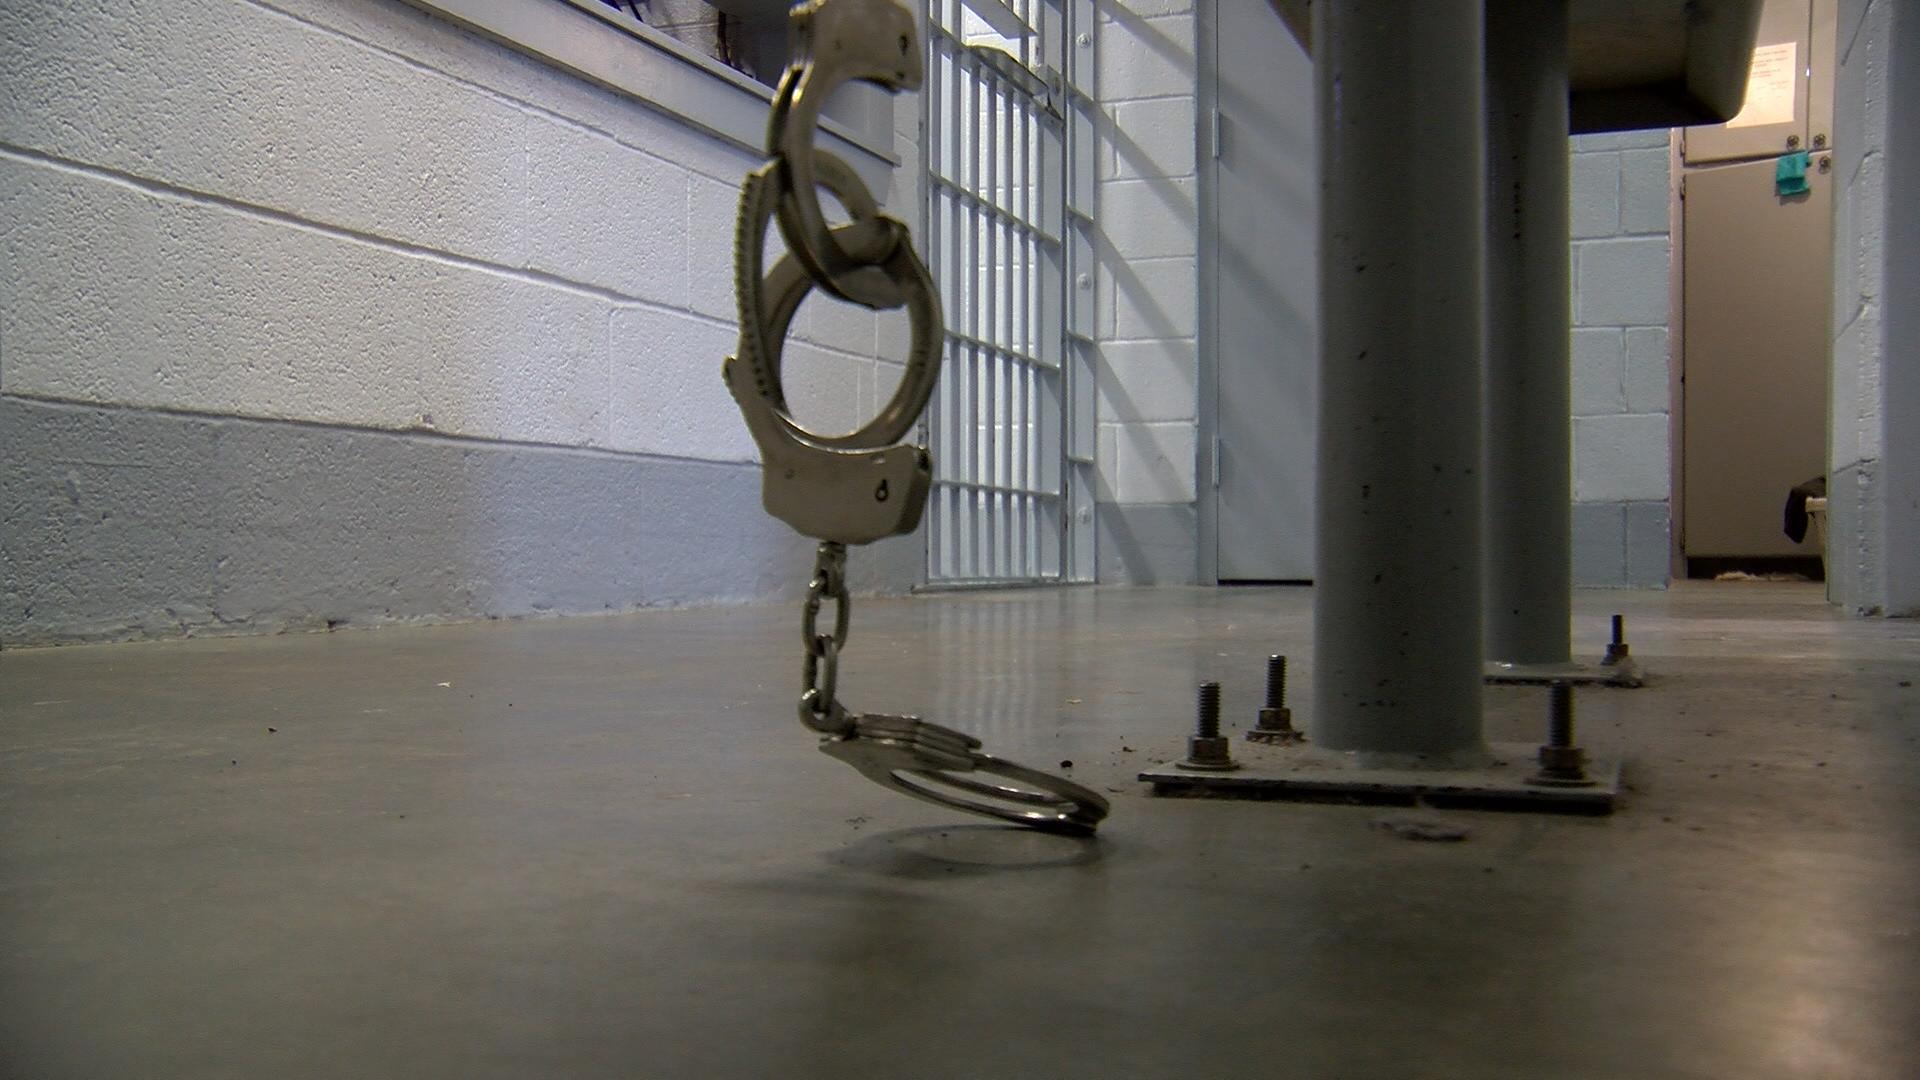 jail pic_1498260309034.jpg